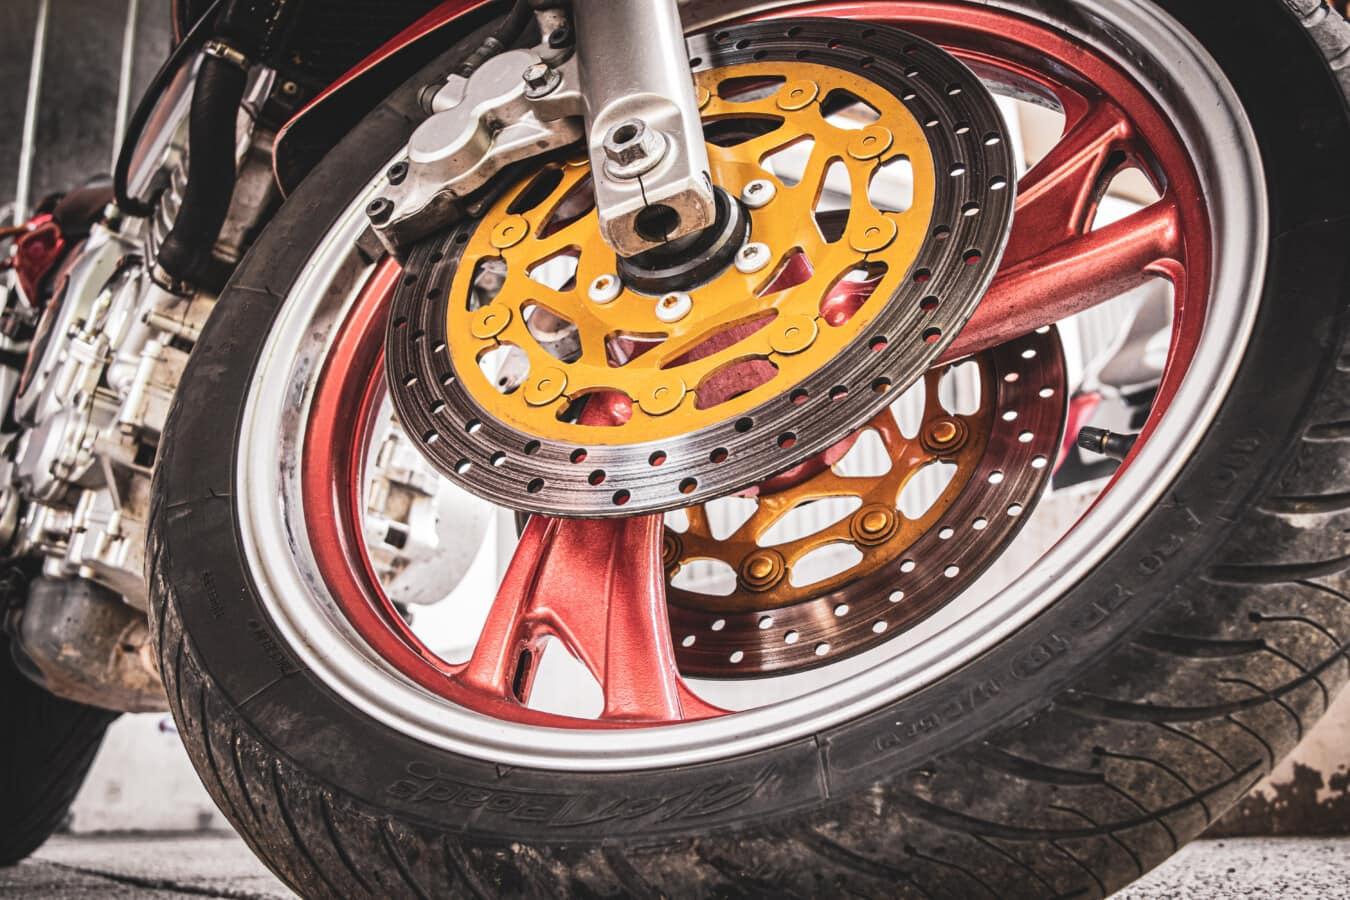 spektakuläre, Motorrad, Festplatte, Reifen, Bremse, Garage, Parkplatz, Rad, Felge, Fahrrad